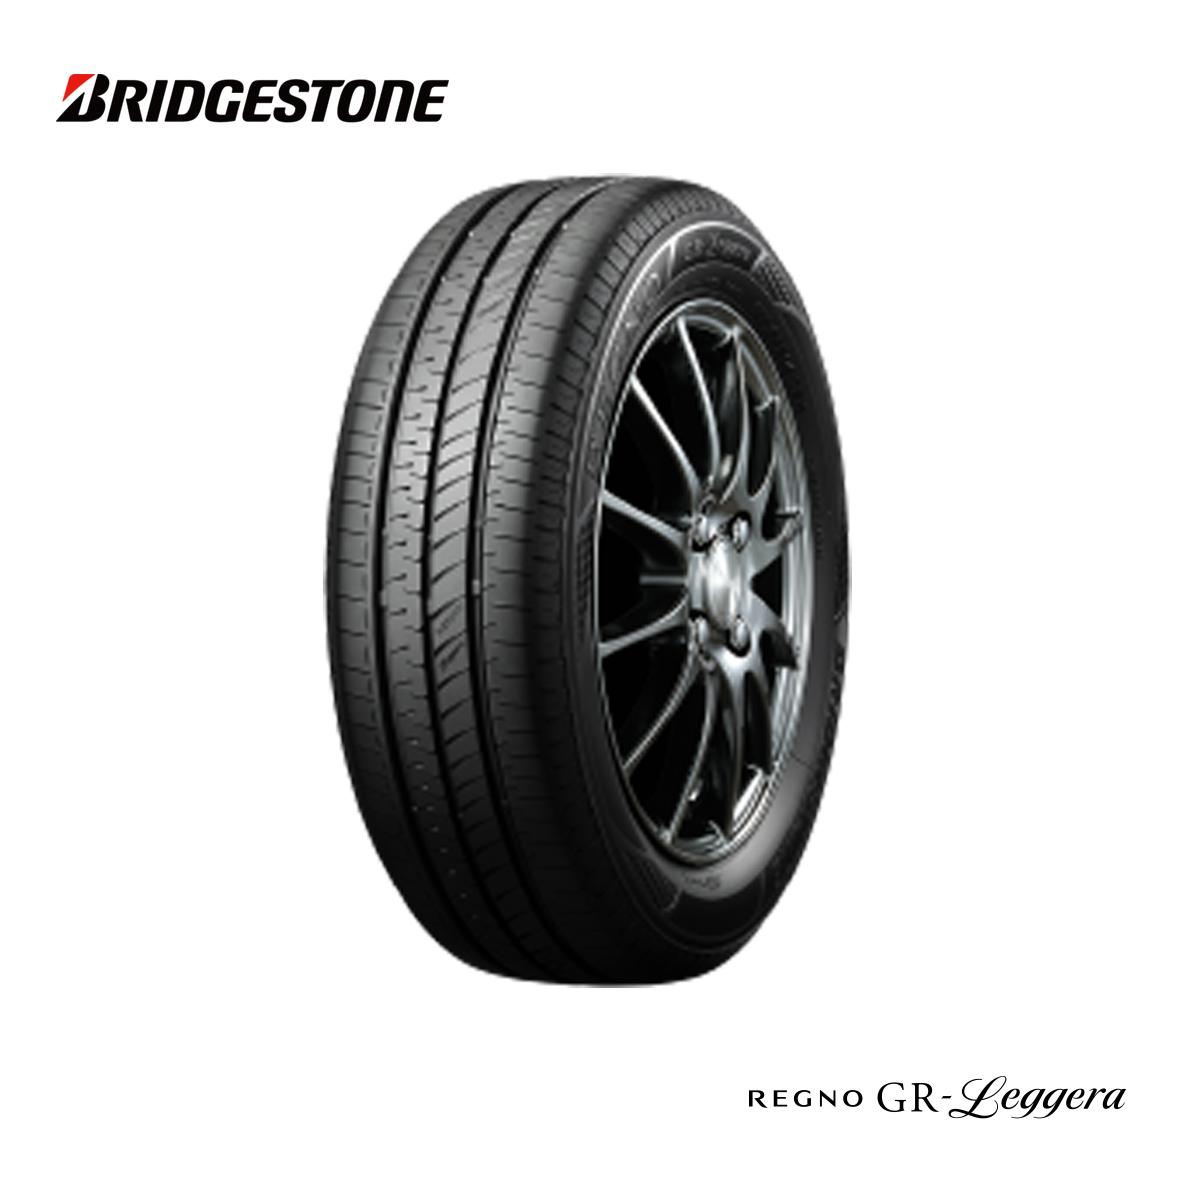 ブリヂストン ブリヂストン BS 14インチ タイヤ 軽 軽 155/65R14 155 14 65 14 レグノ GR レジェーラ サマータイヤ 2本 低燃費 エコ 夏 サマー タイヤ BRIDGESTONE REGNO GR-Leggera, アッサブチョウ:d6ec2941 --- maxnet.ge